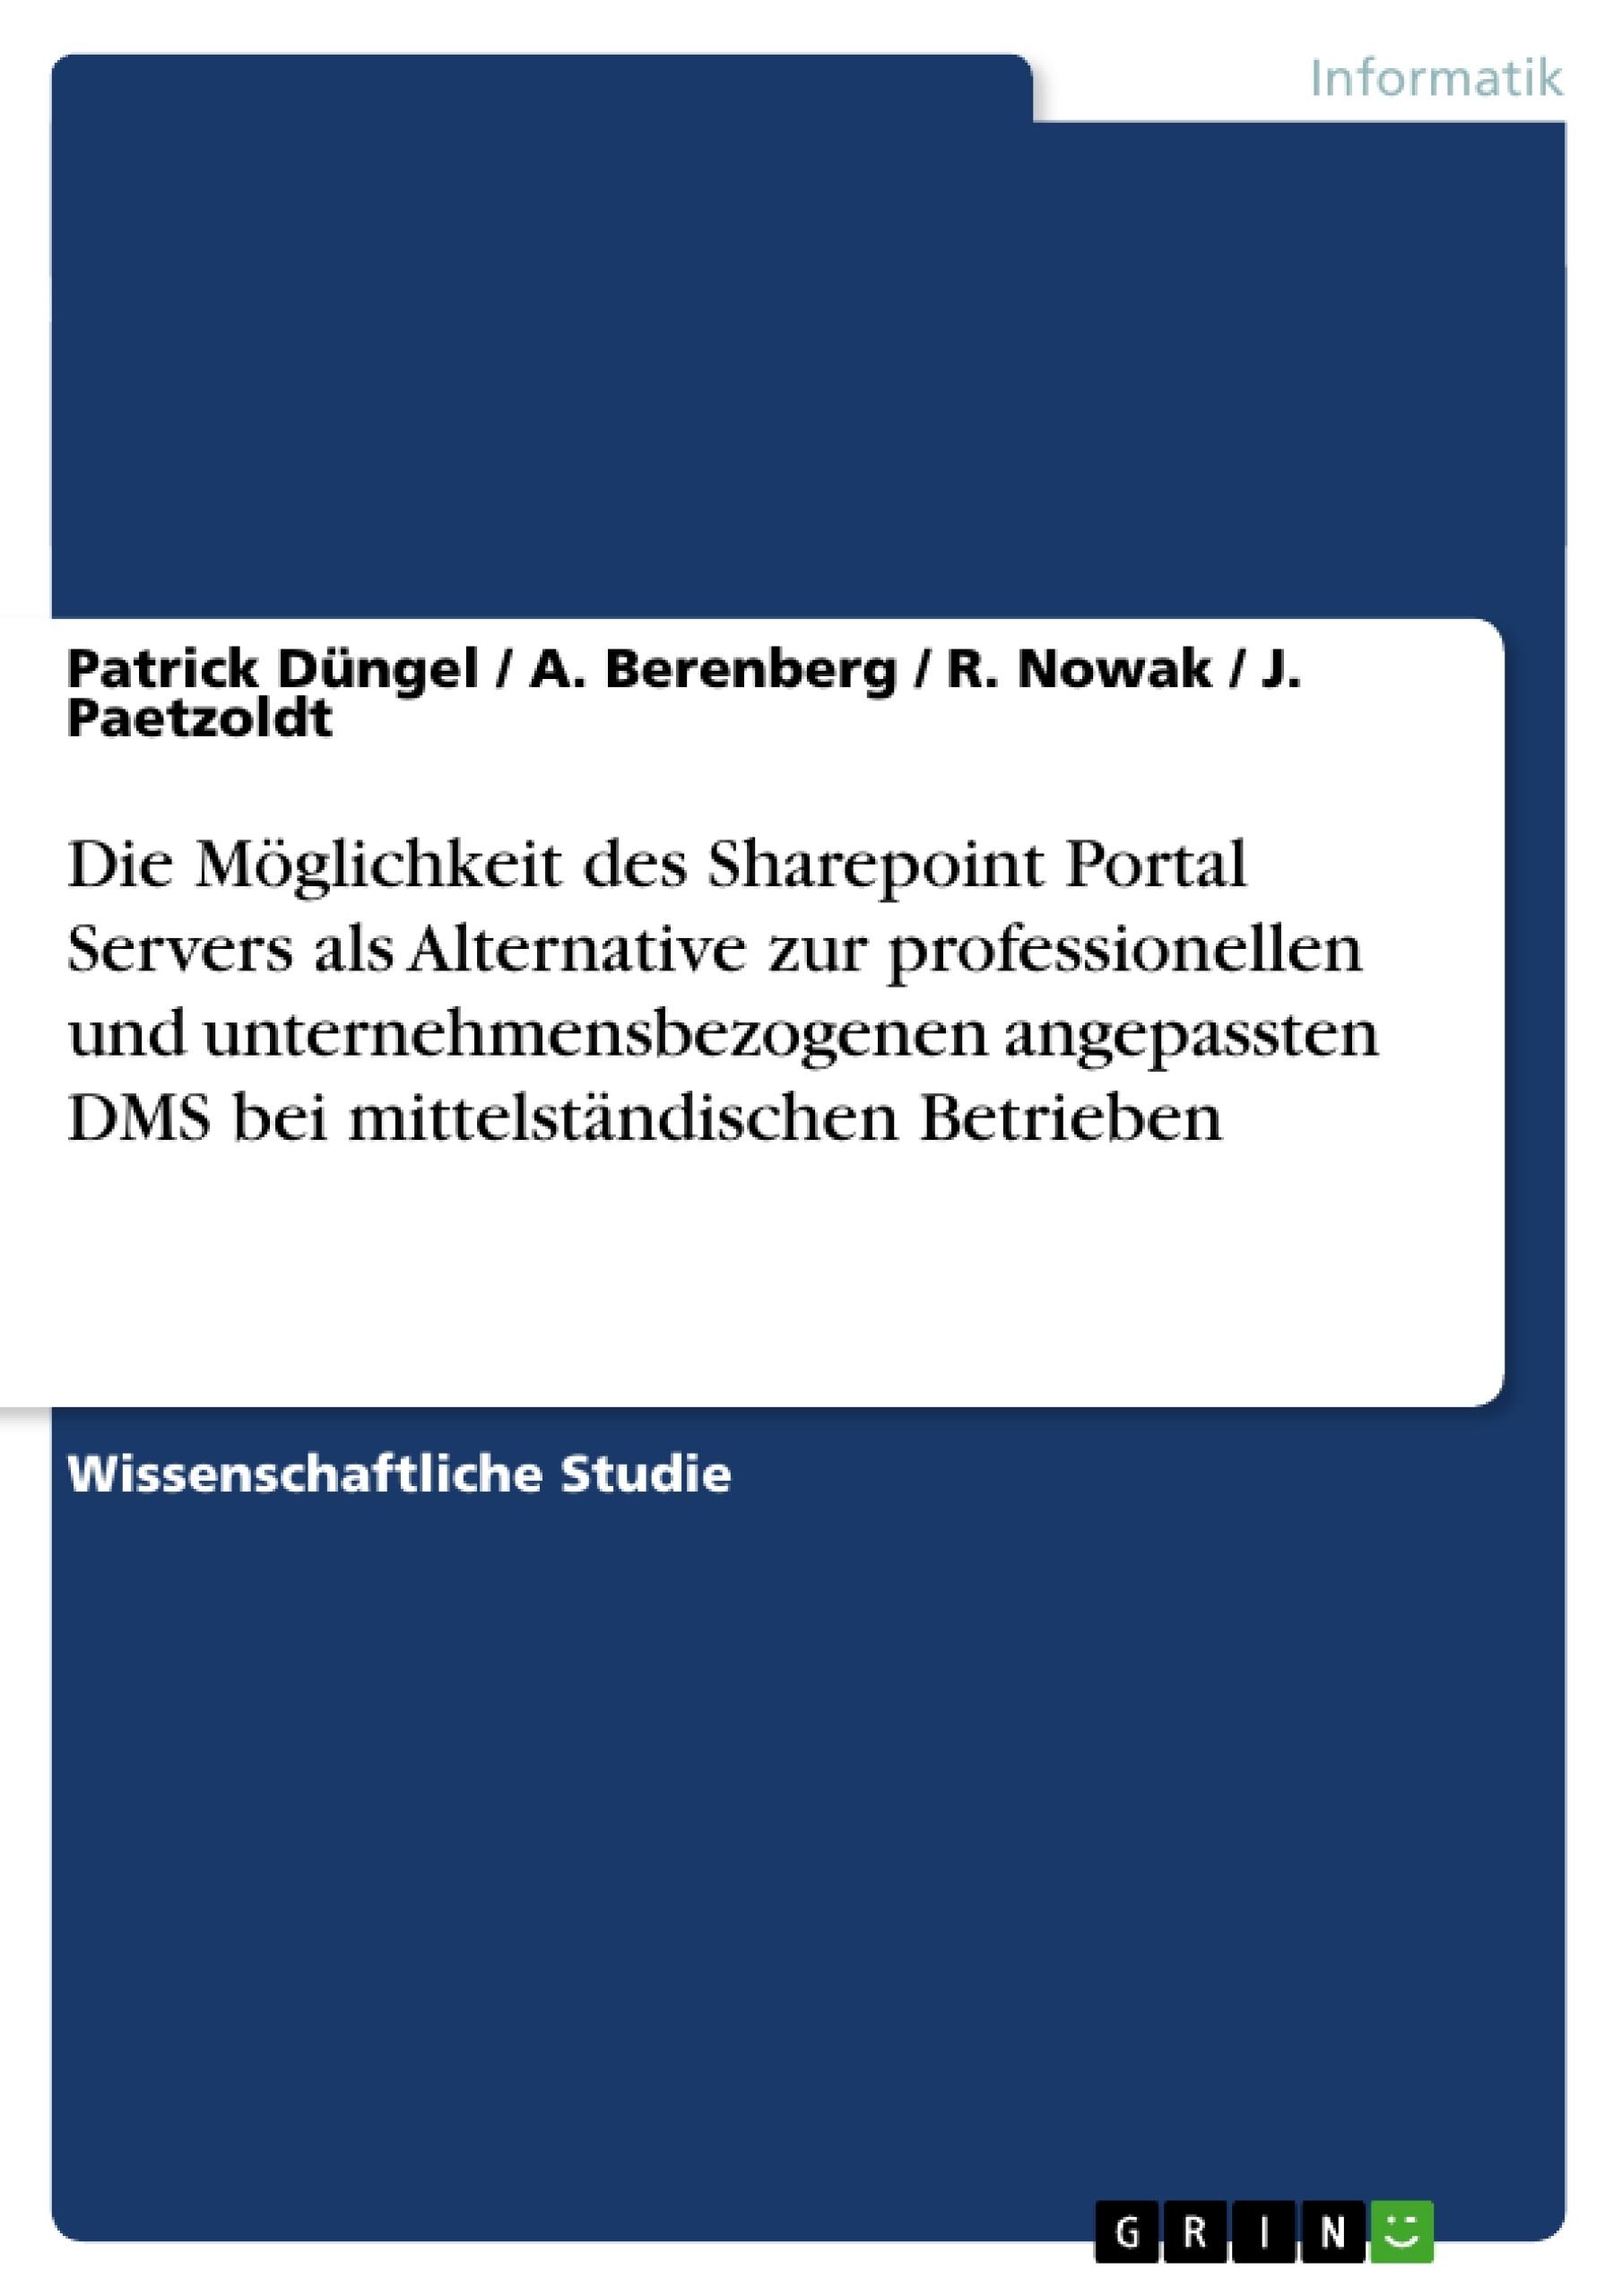 Titel: Die Möglichkeit des Sharepoint Portal Servers als Alternative zur professionellen und unternehmensbezogenen angepassten DMS bei mittelständischen Betrieben